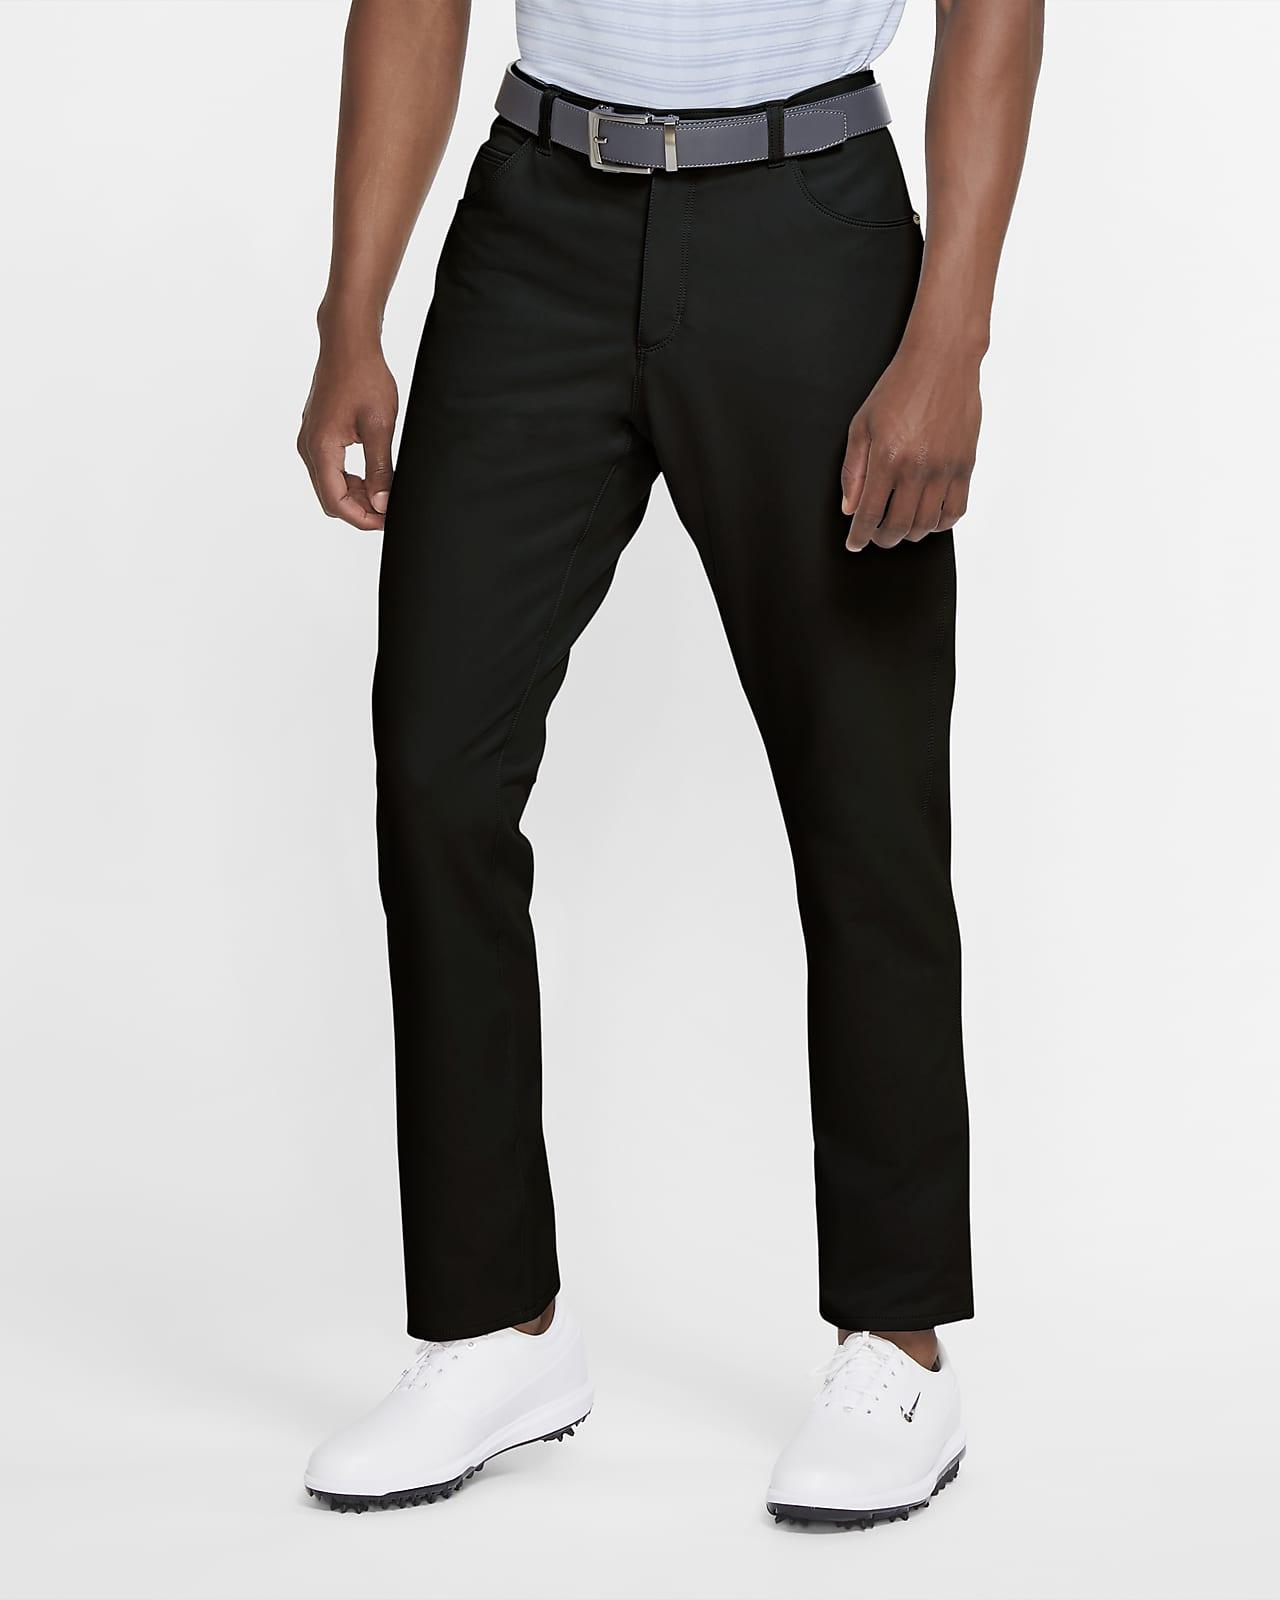 Nike Flex Repel Pantalons de golf amb ajust entallat - Home